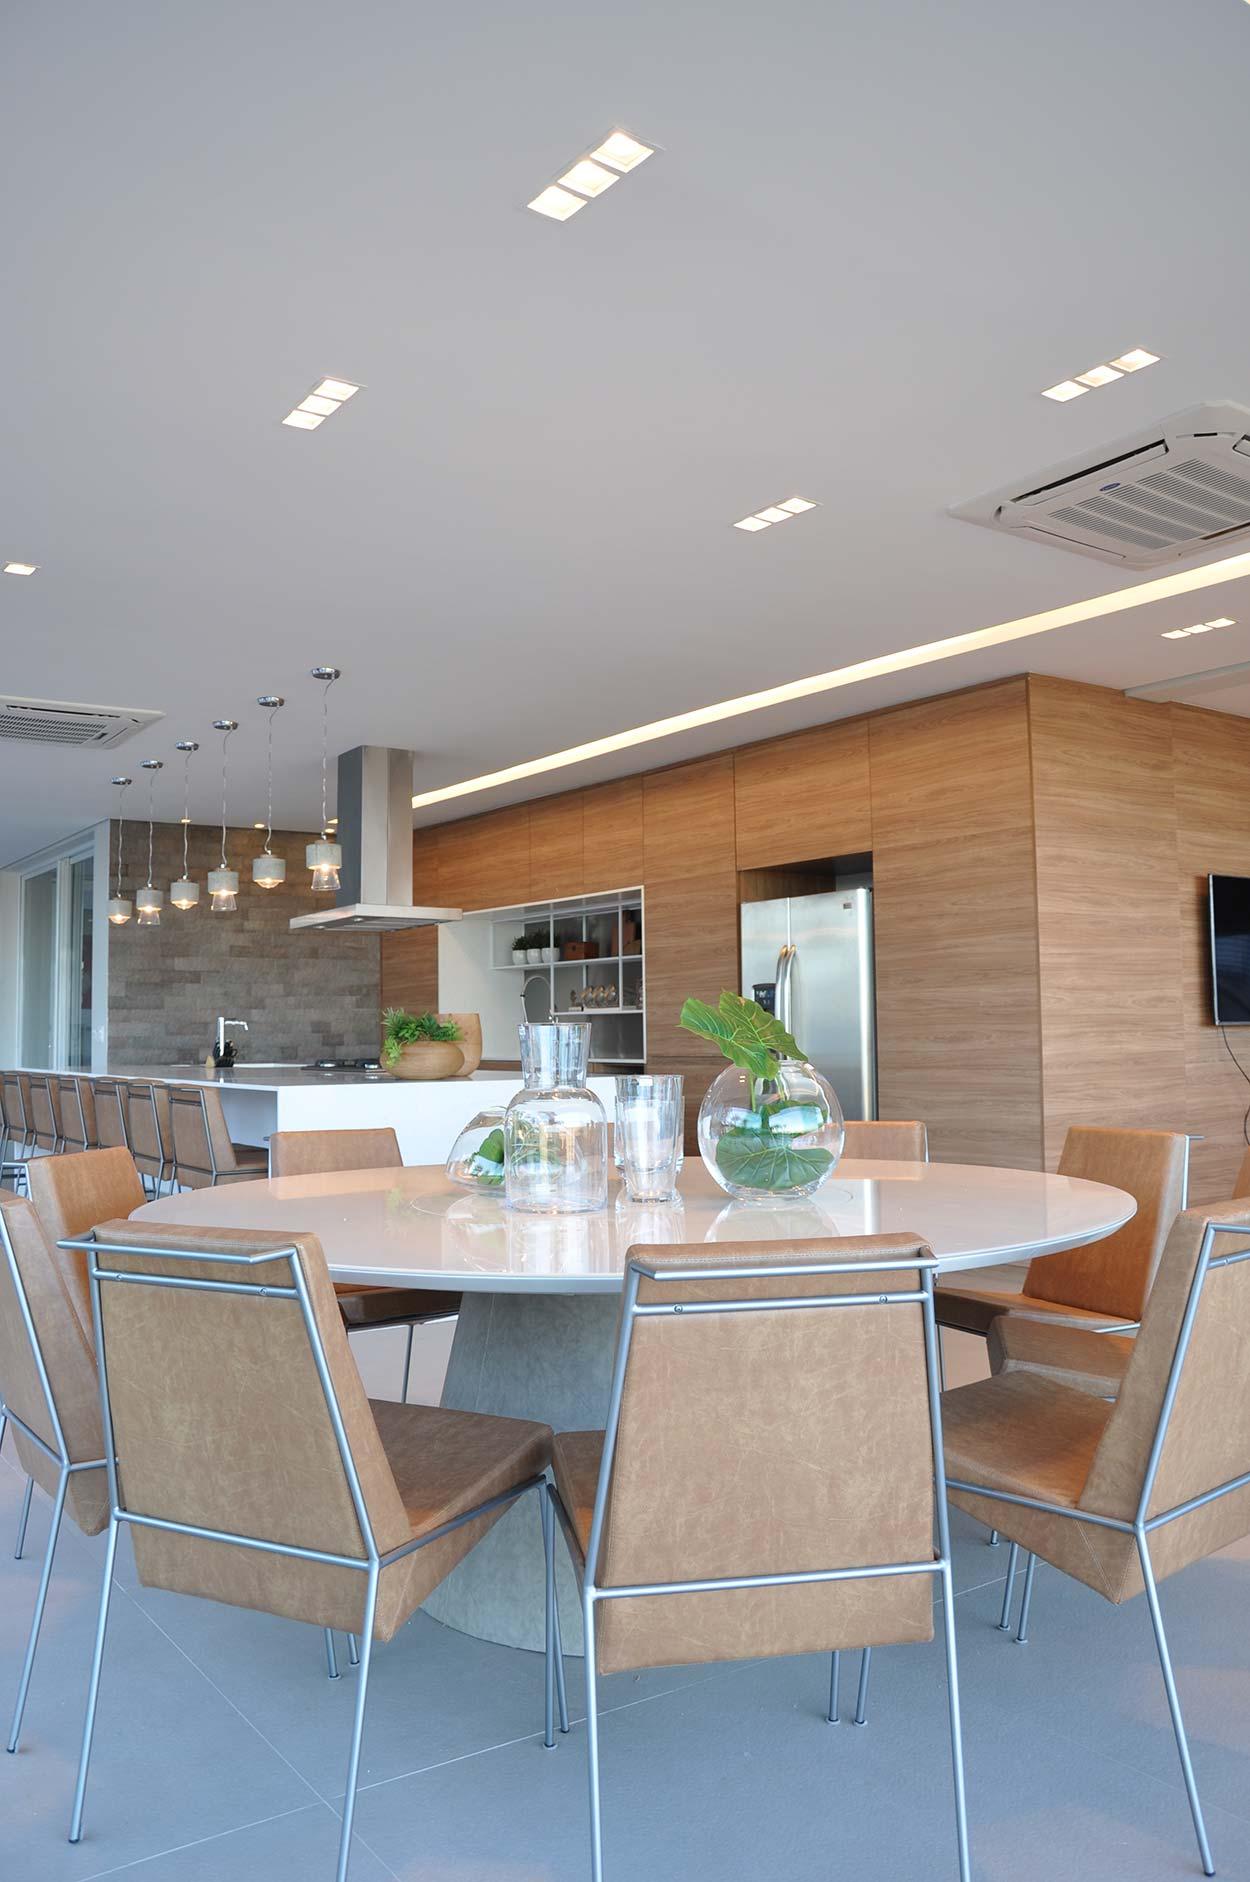 veridianaperes-interiores-residenciaFF5